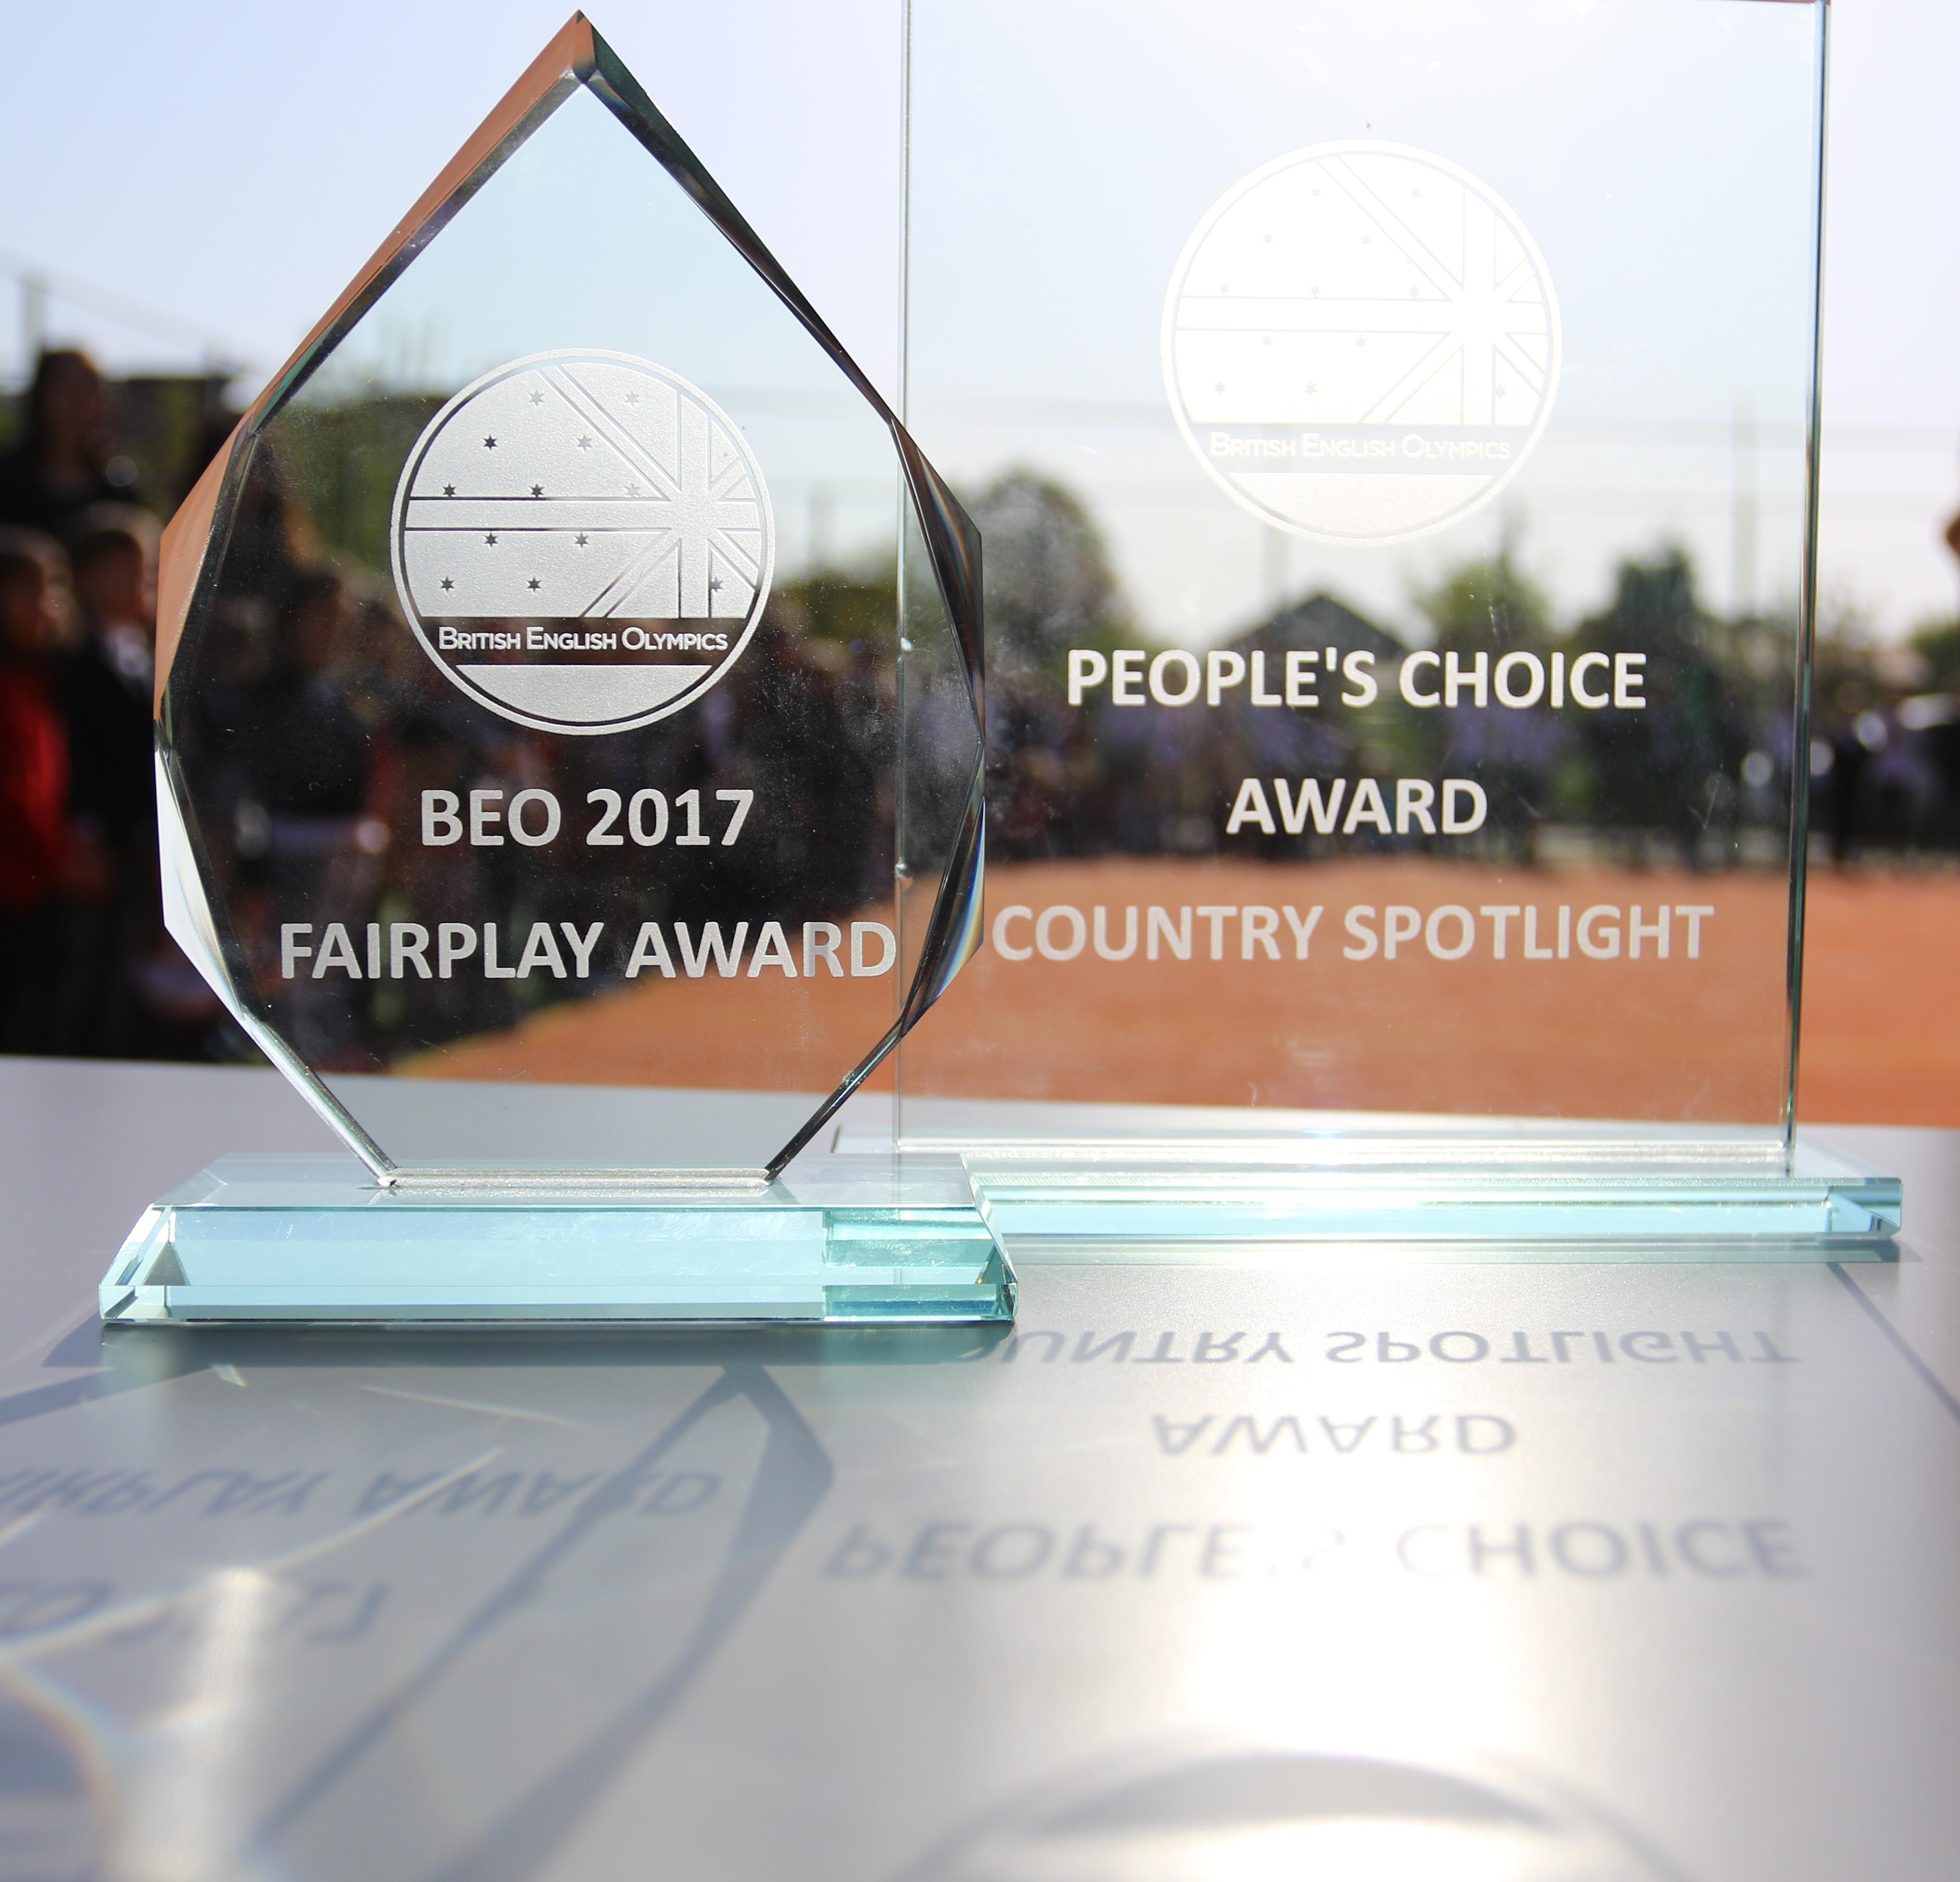 Echipa LLI Academy – semifinalistă și două premii la British English Olimpics